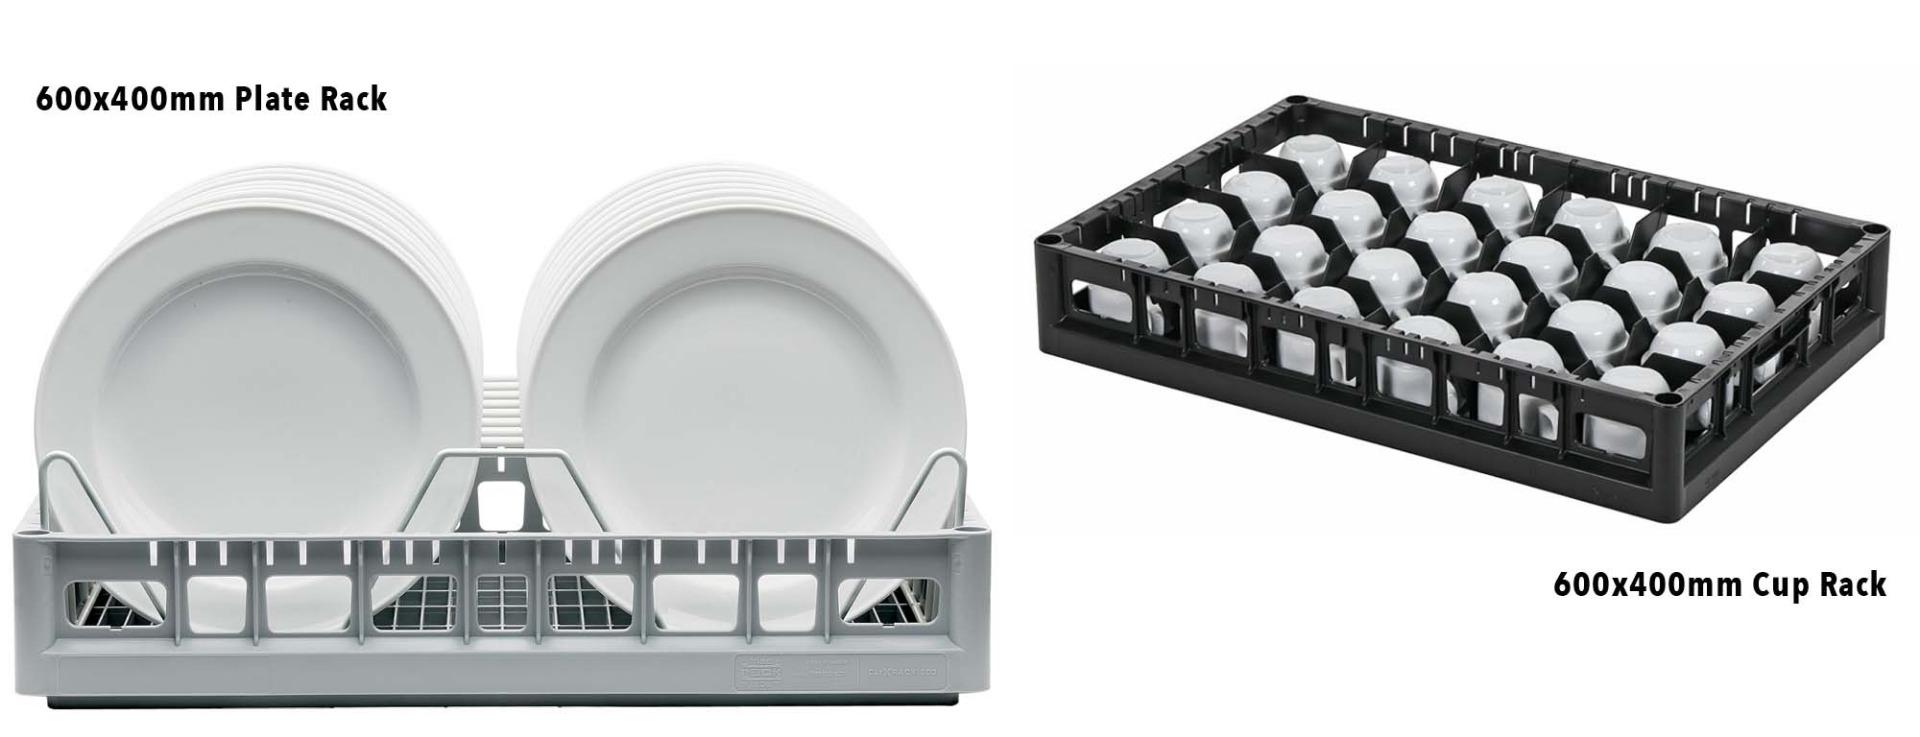 Conveyor Dishwasher Plate Rack